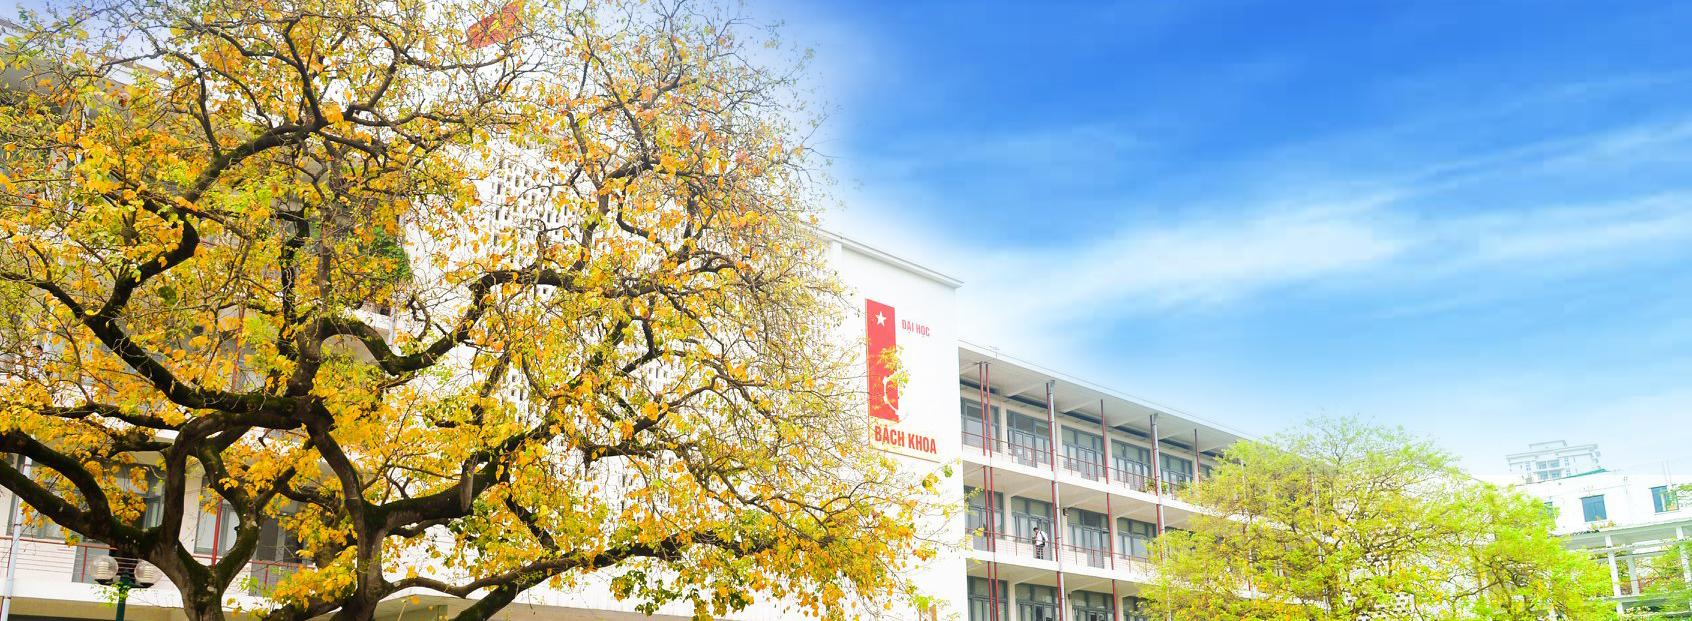 """ĐHBK Hà Nội vào TOP 200 trường đại học """"độ tuổi vàng"""" tốt nhất thế giới"""